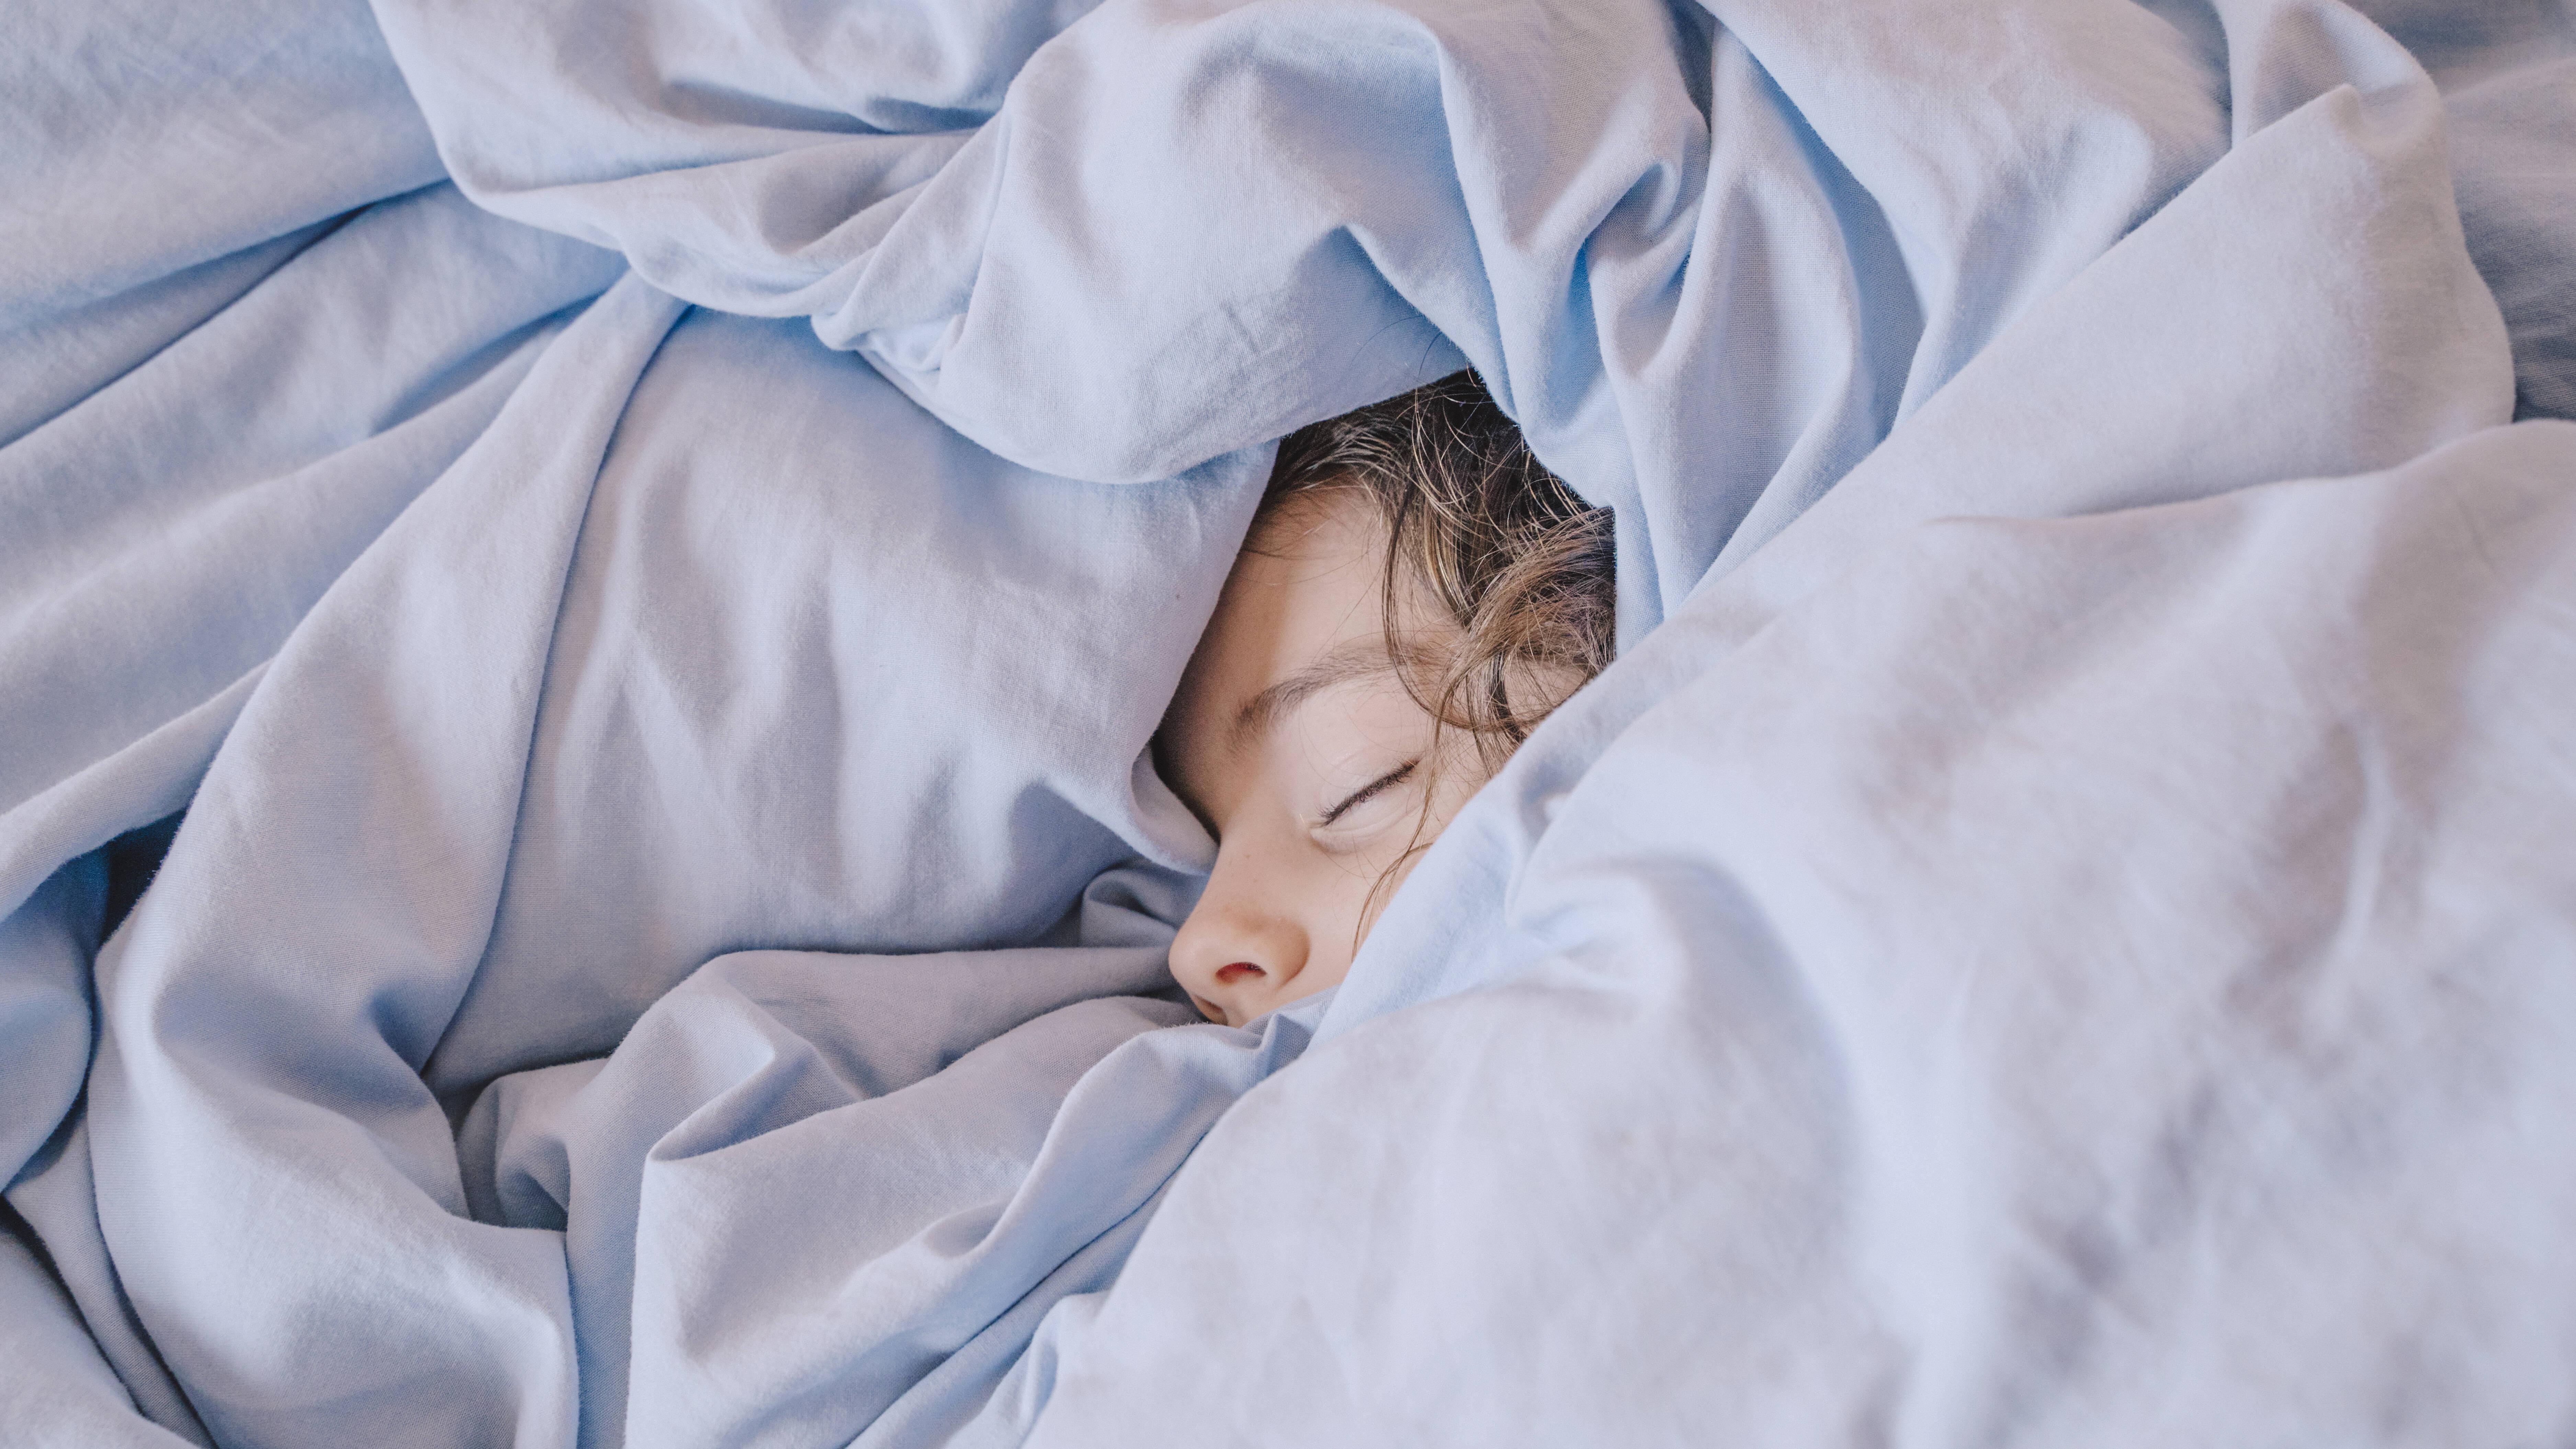 Bettwäsche richtig waschen - und wohl fühlen